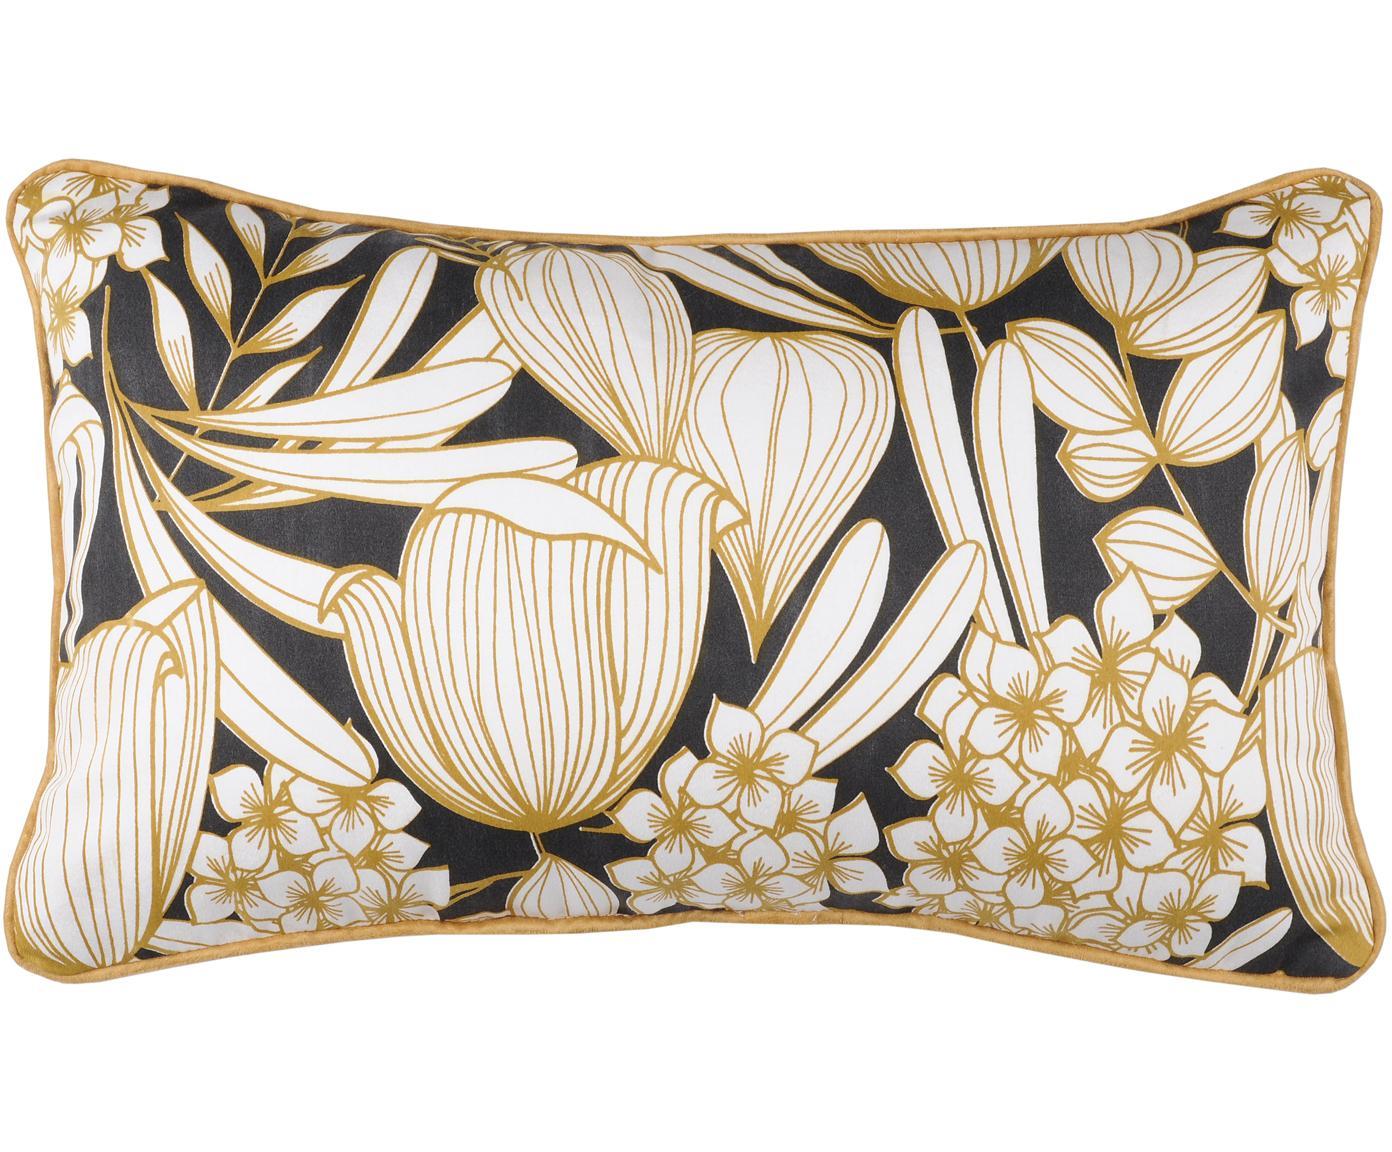 Kissen Ortance mit Blumenmuster in Senfgelb/Schwarz, mit Inlett, Bezug: 50% Baumwolle, 50% Polyes, Senfgelb, Schwarz, Creme, 30 x 50 cm